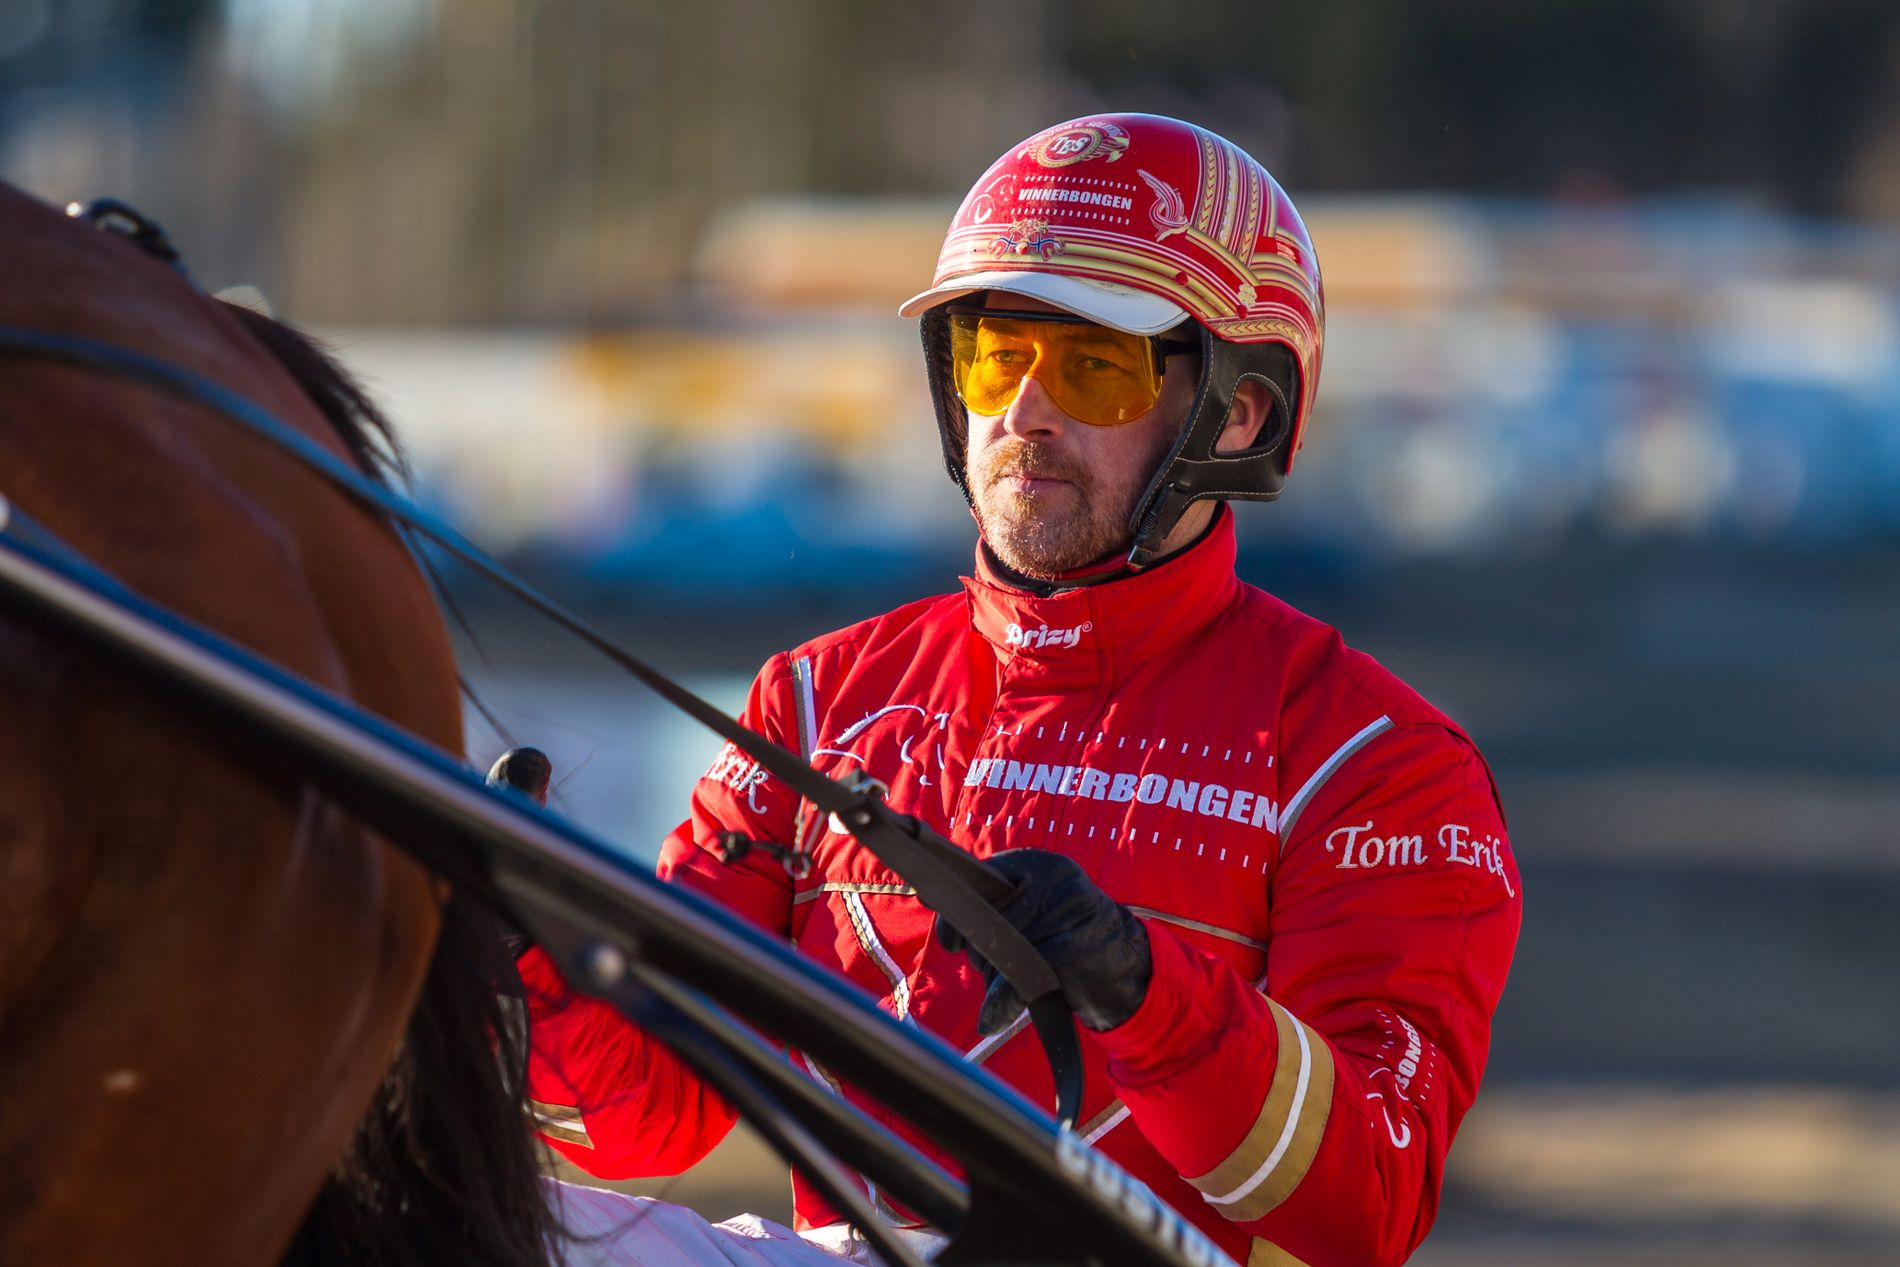 BANKERKUSK: Tom Erik Solberg vinner med Bianca Sisa, som vil ta sin sjette strake triumf.